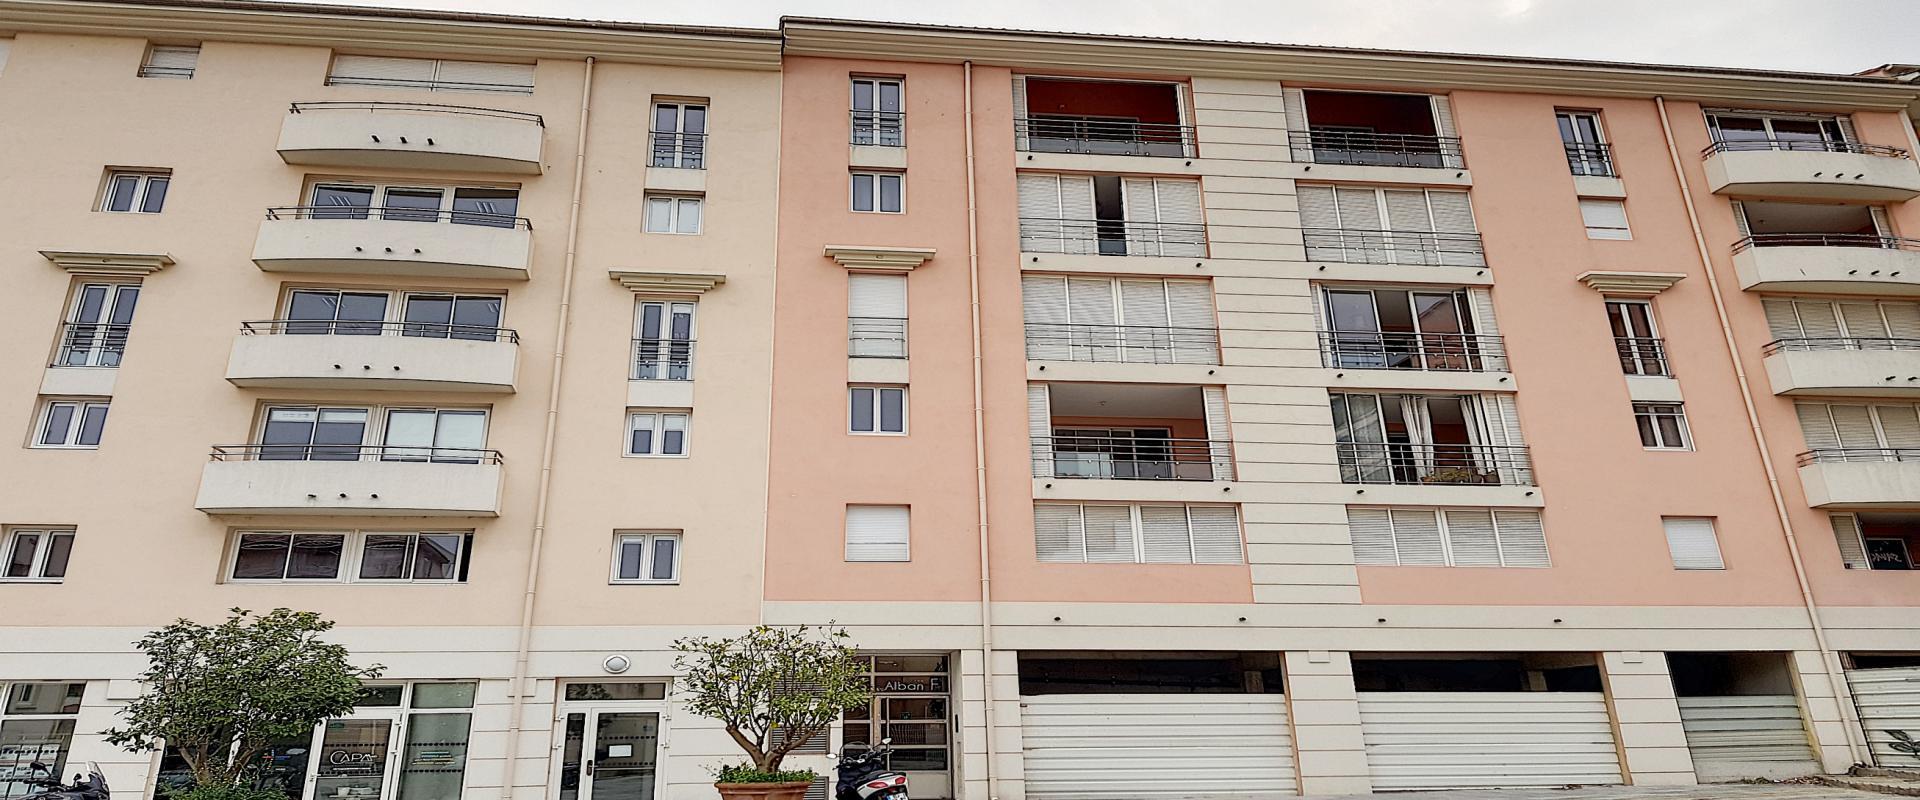 A vendre T5 duplex Espace immeuble